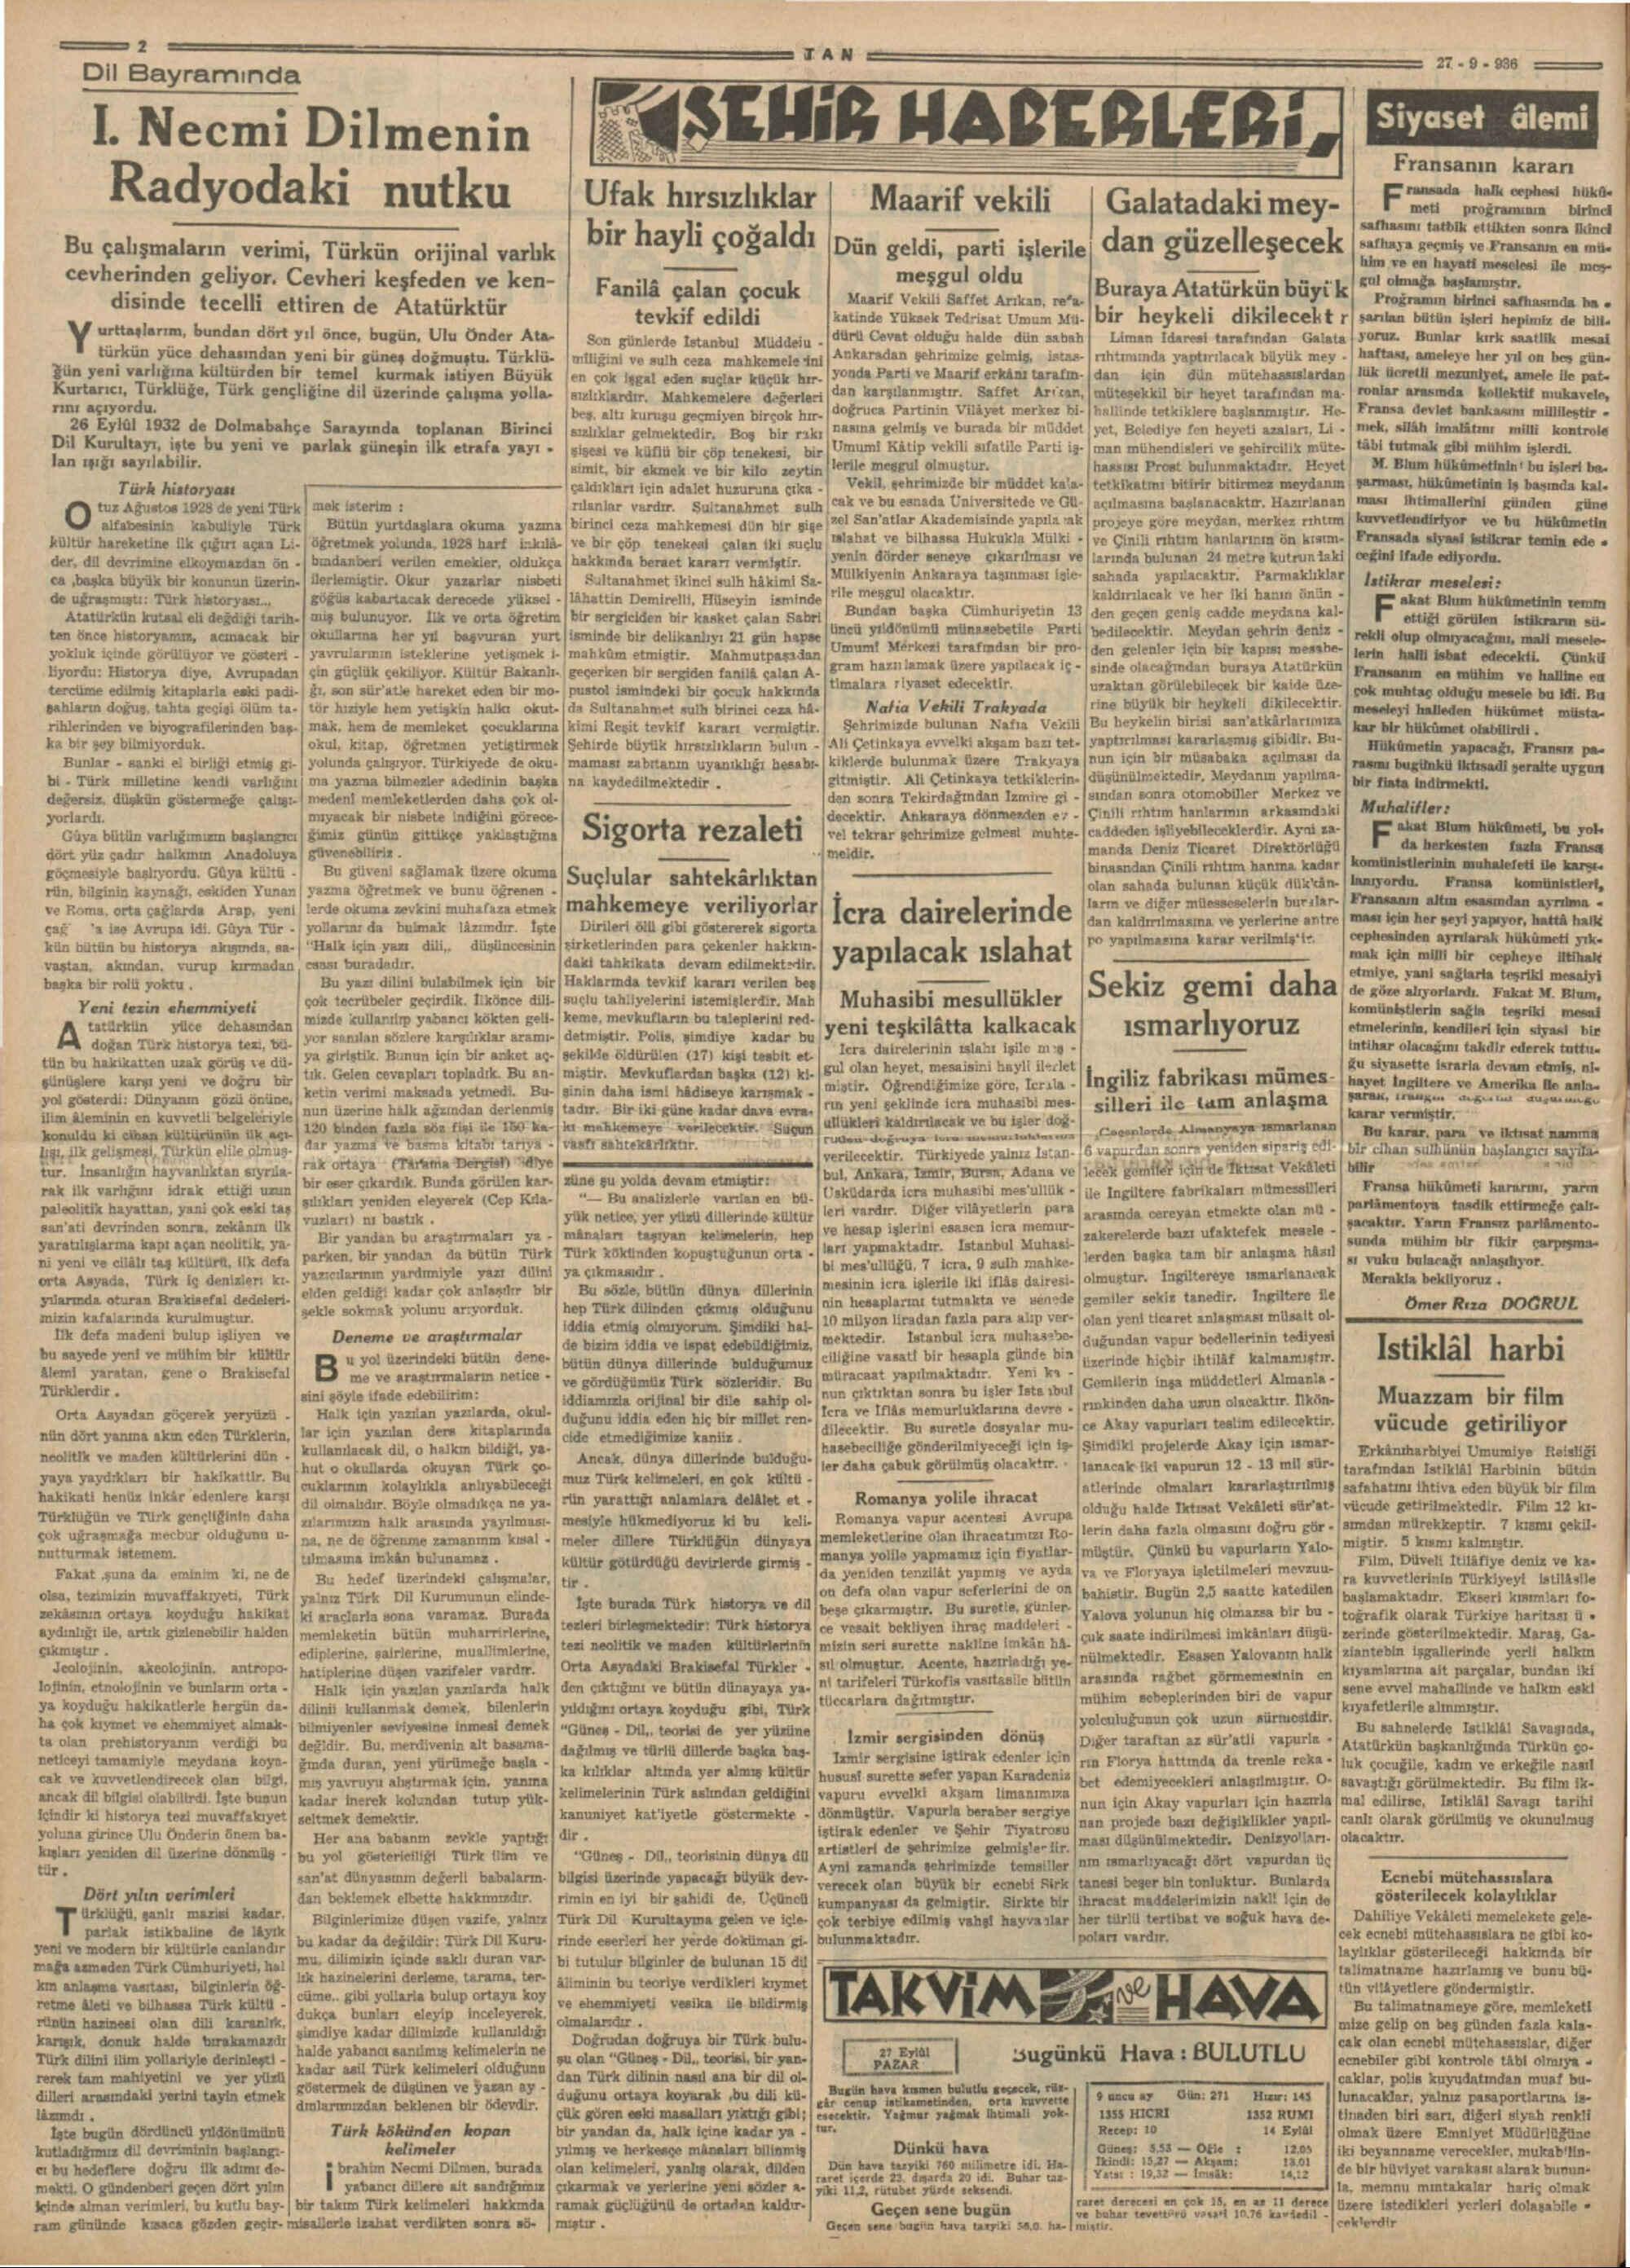 27 Eylül 1936 Tarihli Tan Gazetesi Sayfa 2